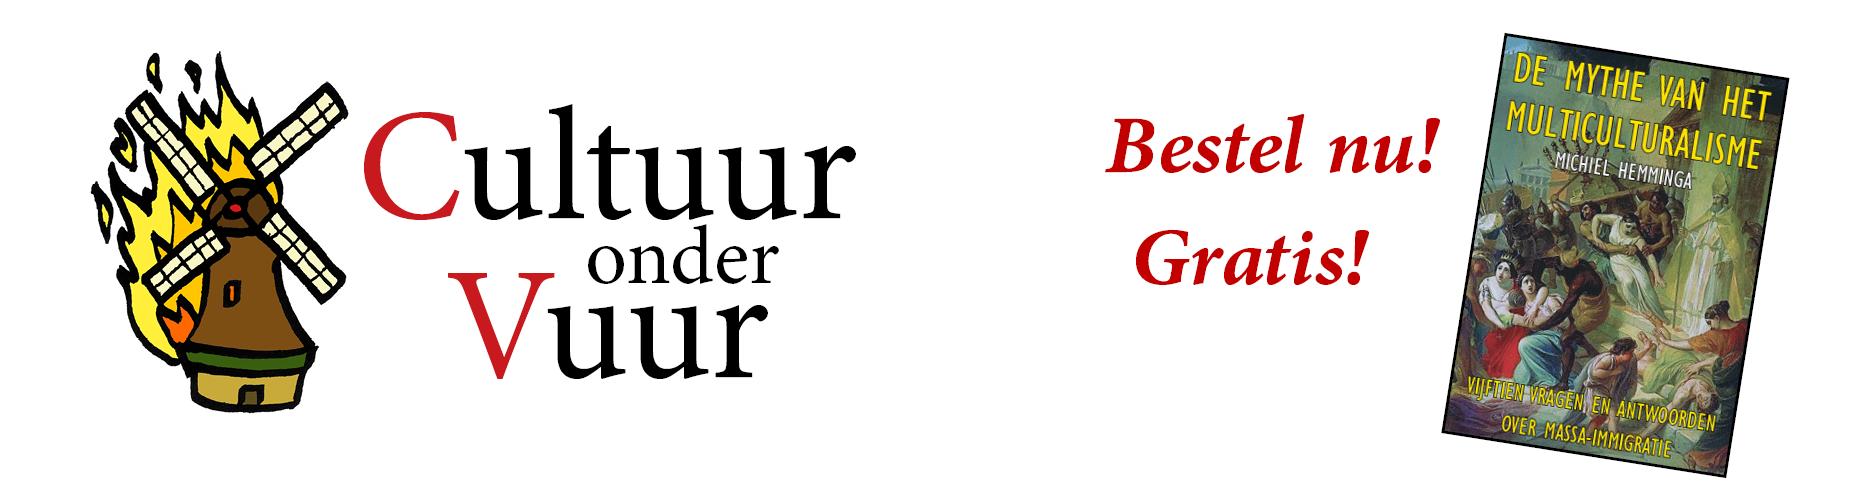 header5